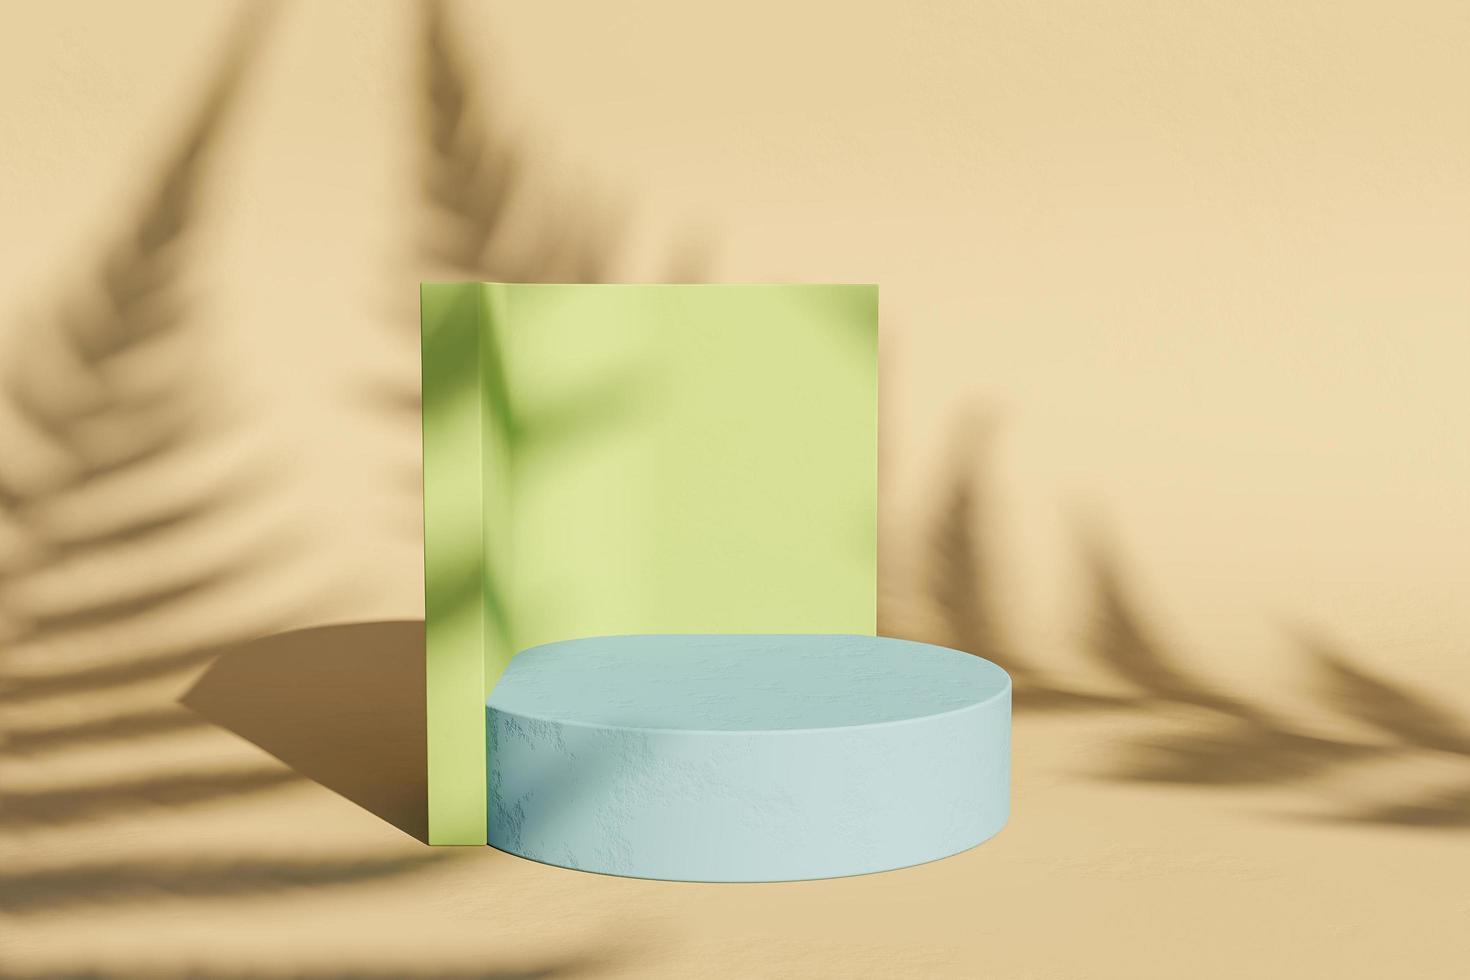 minimalistischer Stand für Produktpräsentation mit Farnfarbton foto